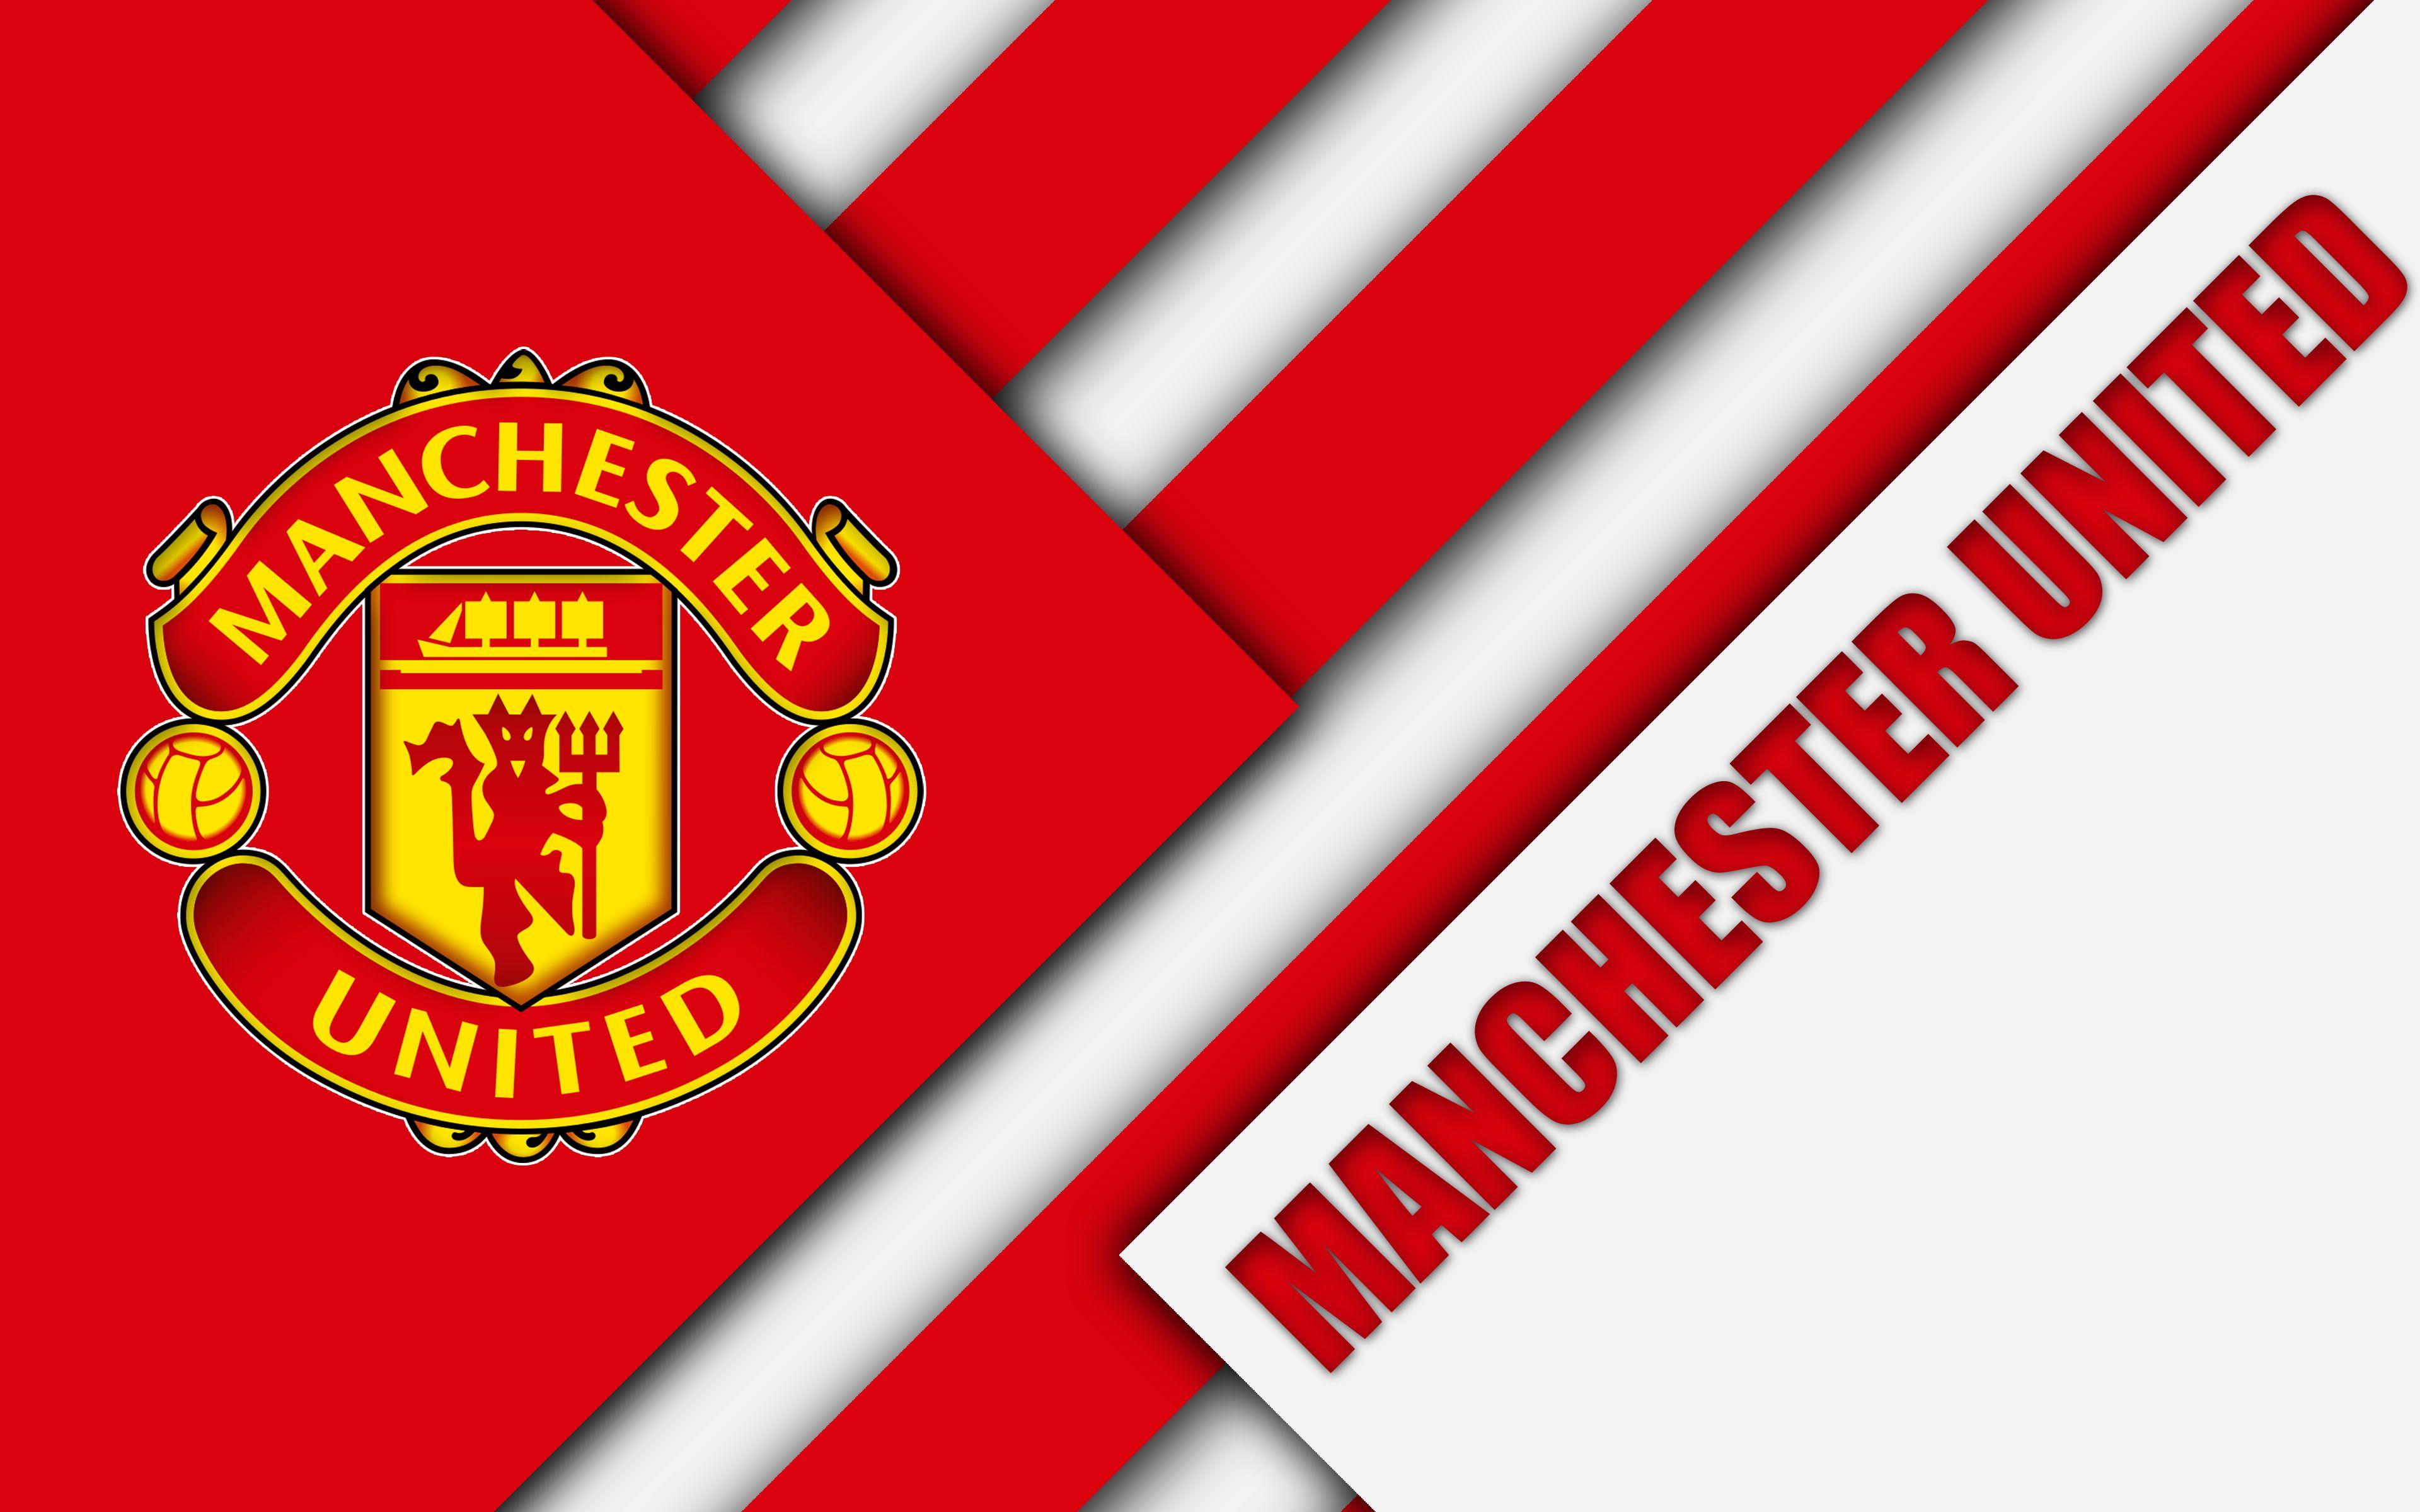 Soccer Manchester United F C Logo 4k Wallpaper Hdwallpaper Desktop In 2020 Manchester United Football Club Manchester United Wallpaper Manchester United